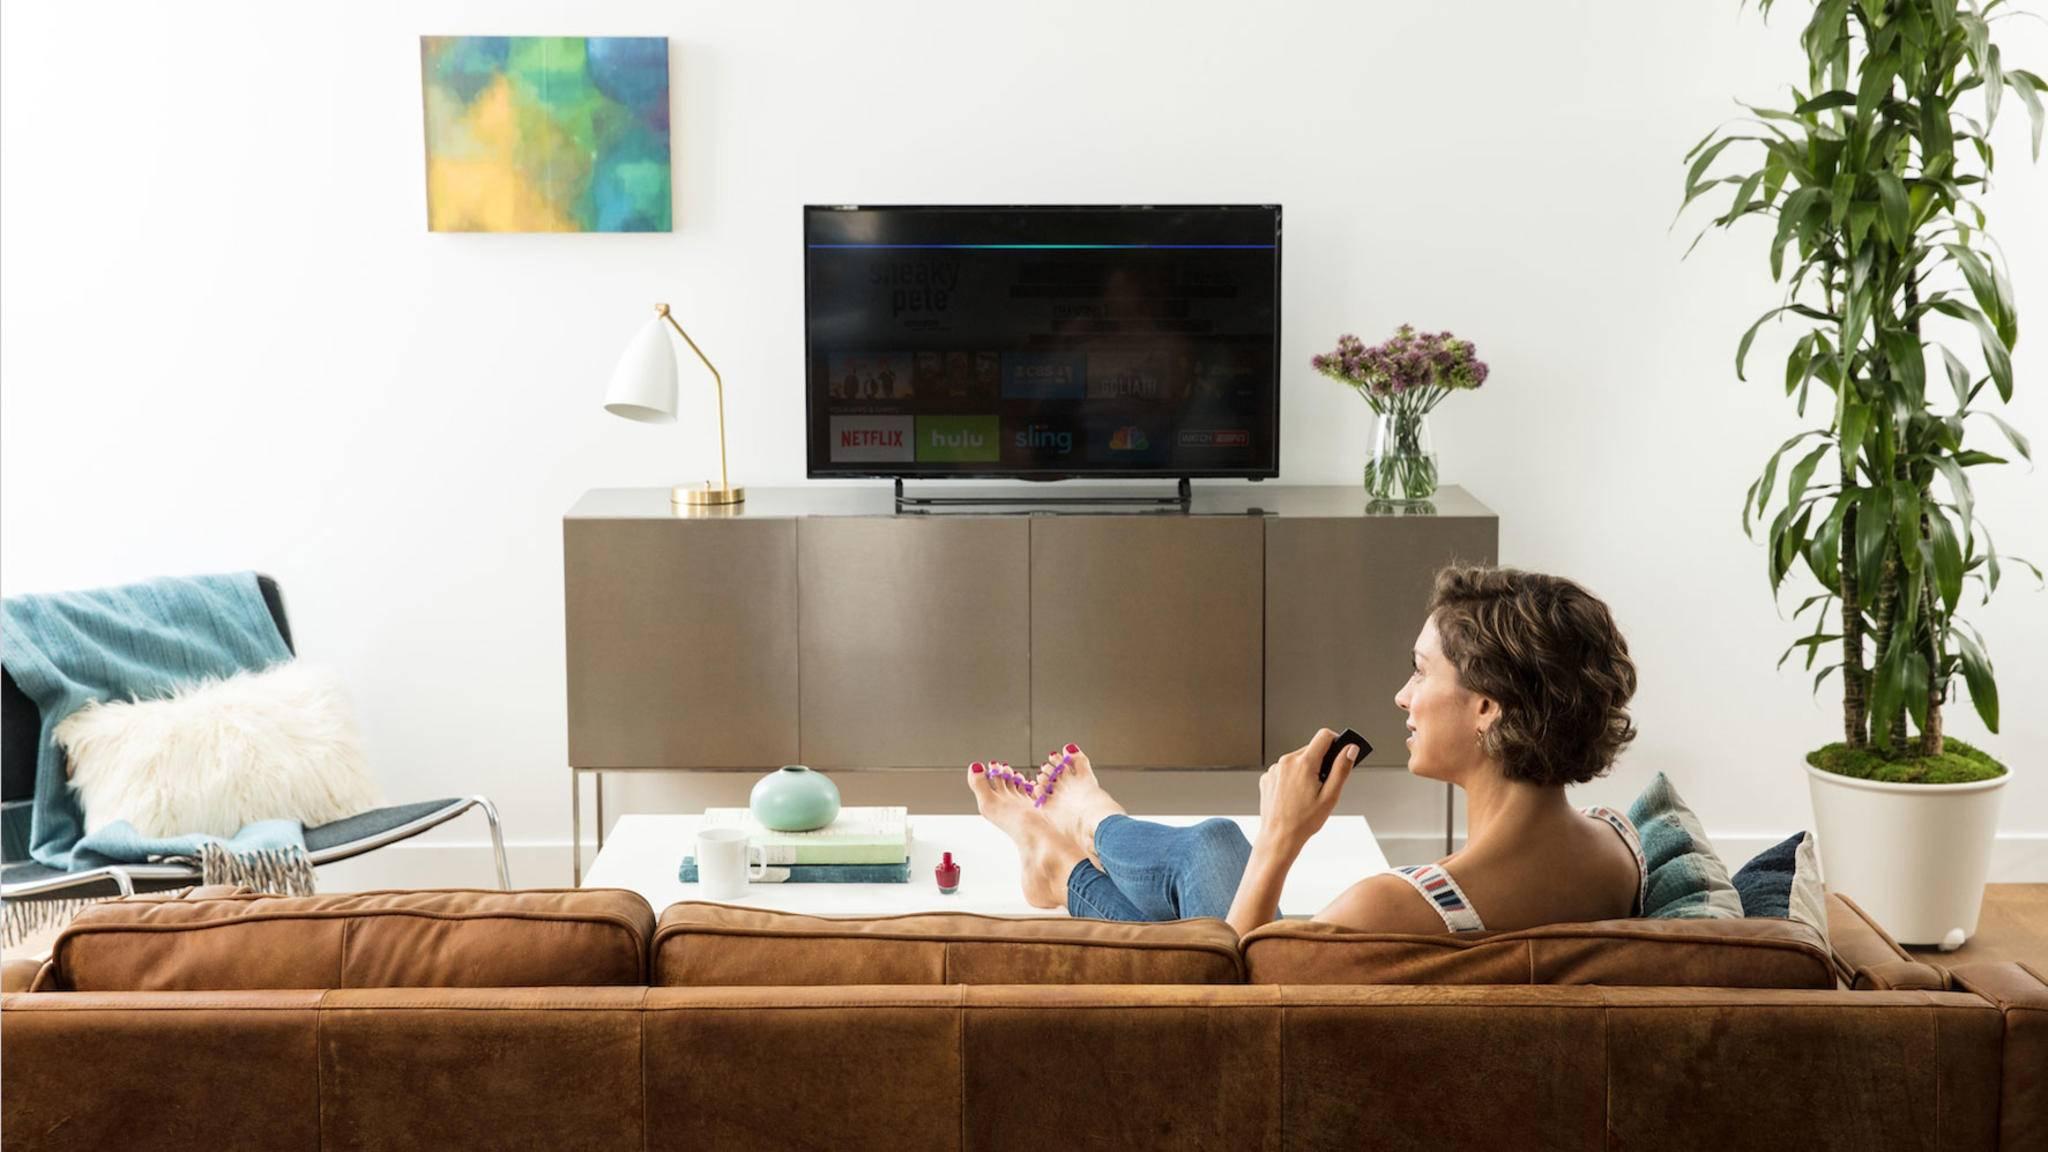 Auf der Couch sitzen und den Fire TV bequem per Alexa bedienen: Wir verraten, was Du dazu wissen musst.